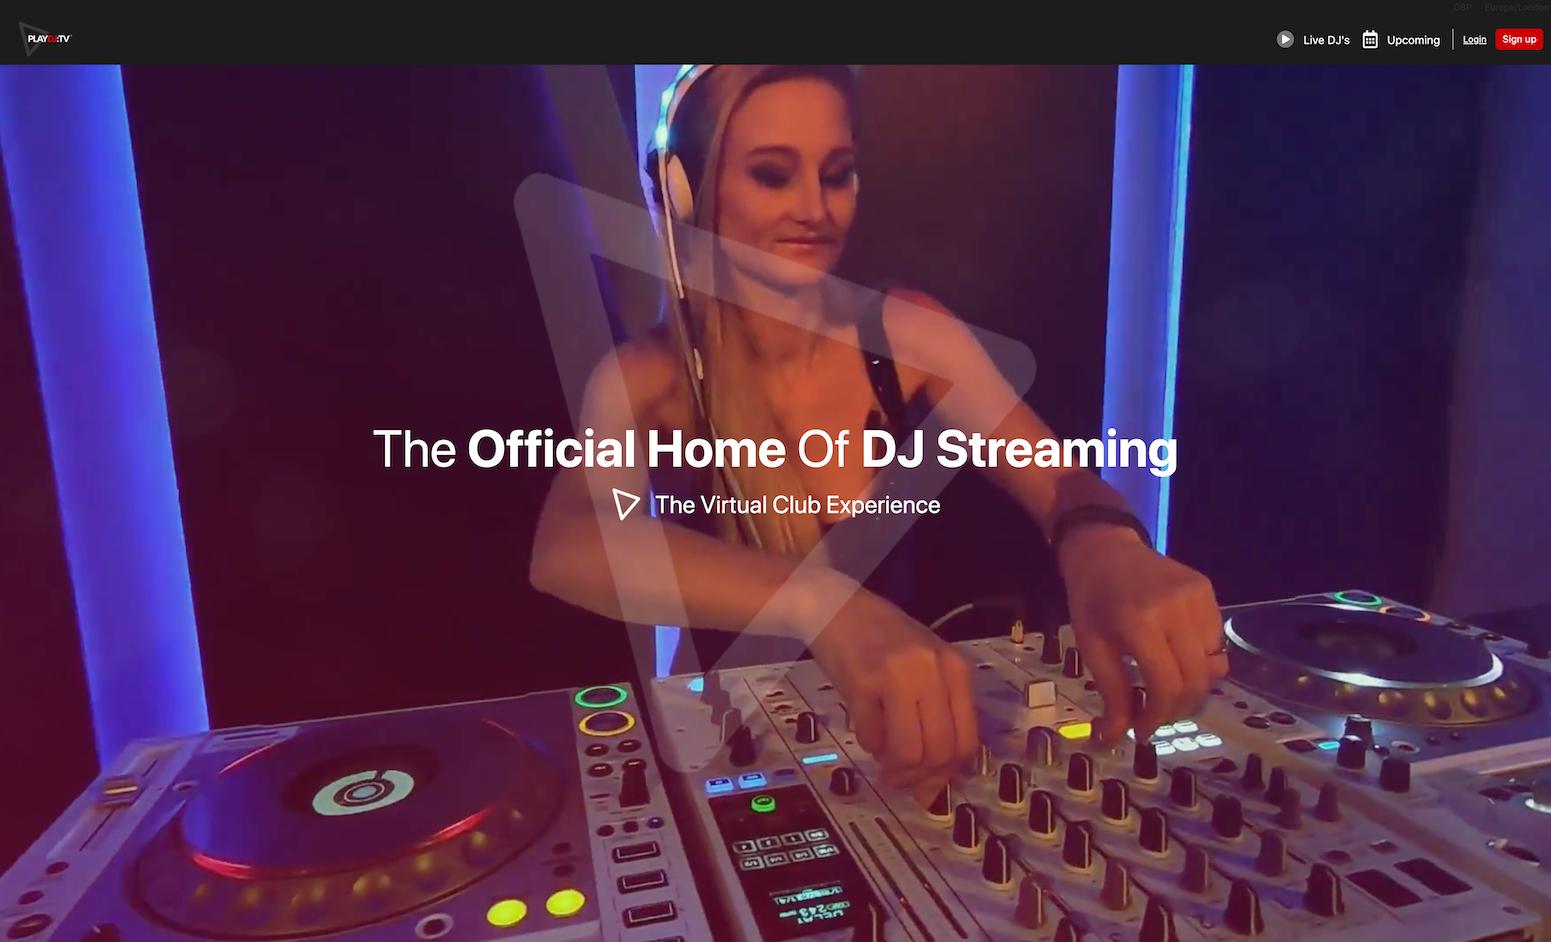 PlayDJ, bringing DJ's into people's homes during lockdown